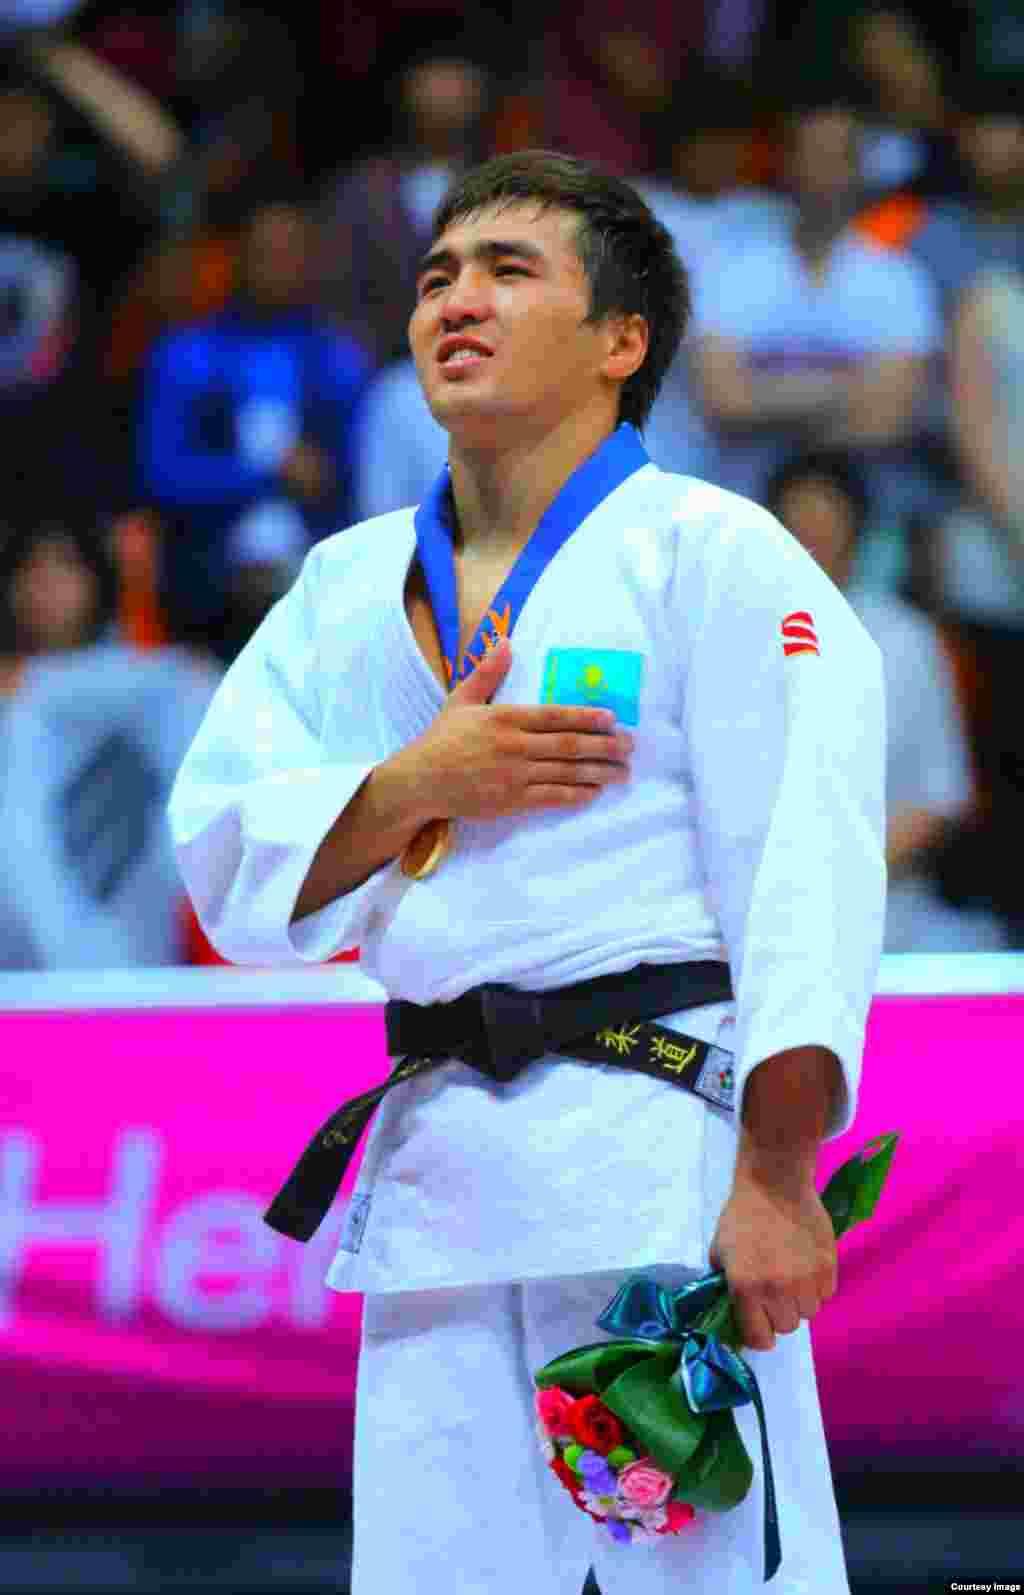 Казахстанский дзюдоист Елдос Сметов во время церемонии награждения.Фото пресс-службы комитета спорта и физической культуры.